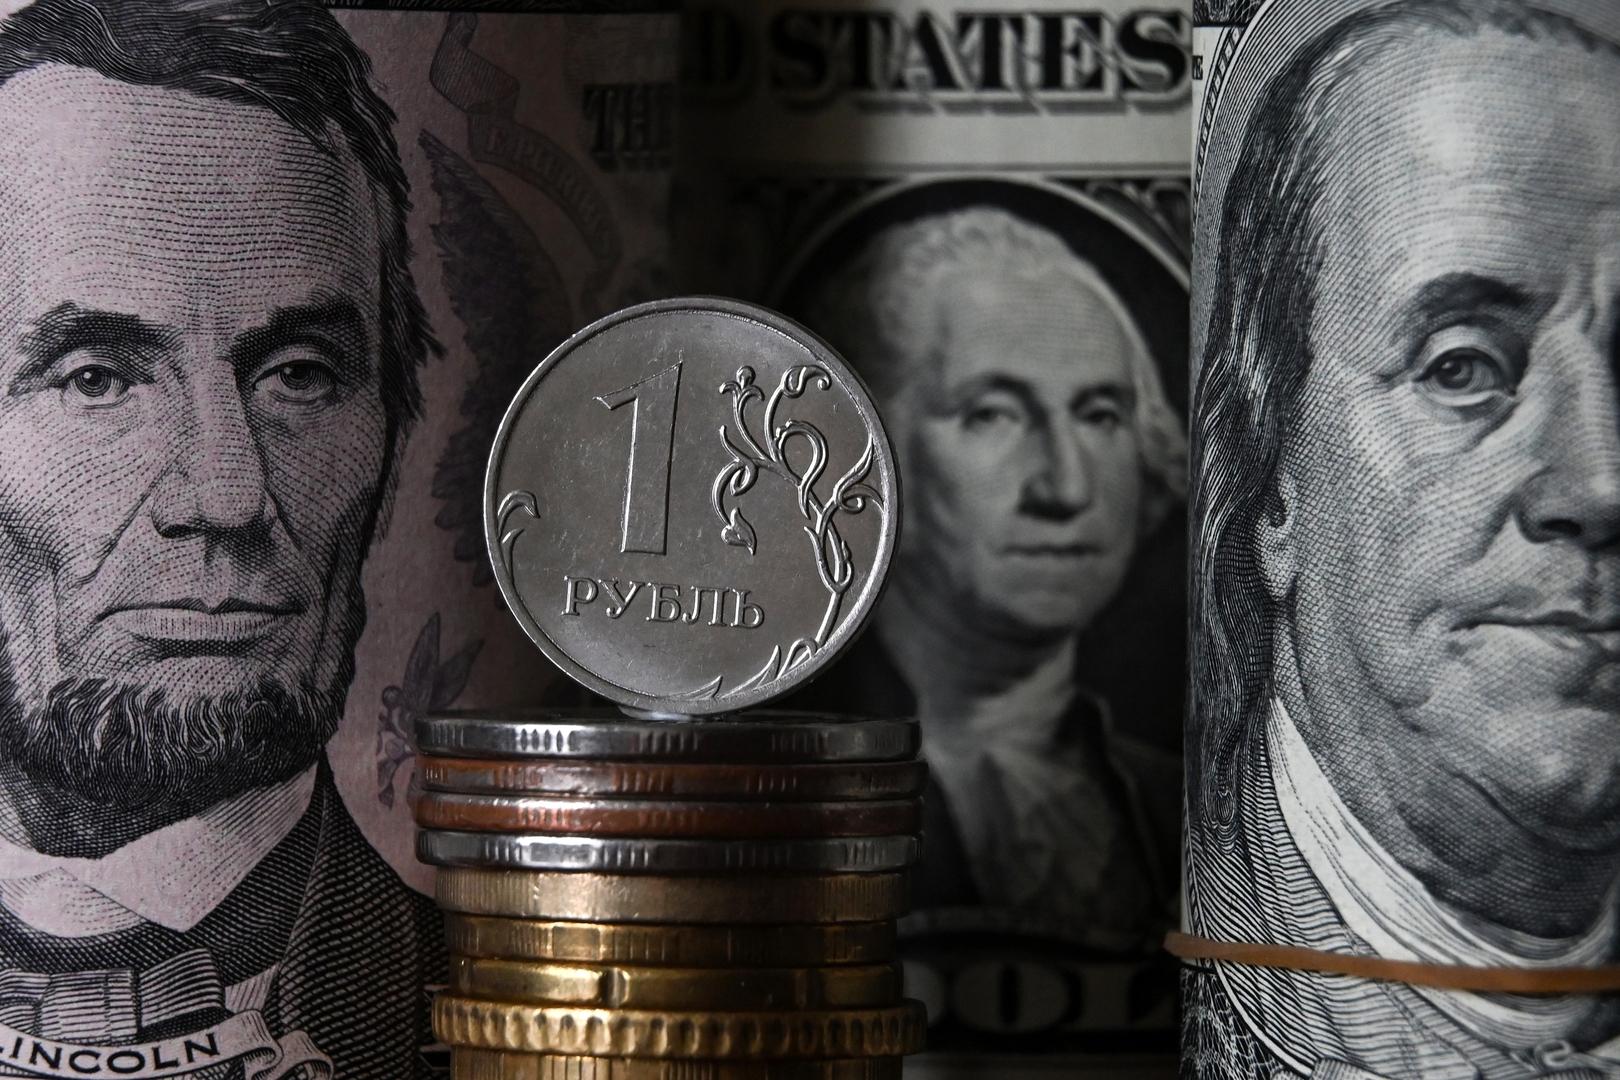 ارتفاع بورصة موسكو وتعافي العملة الروسية